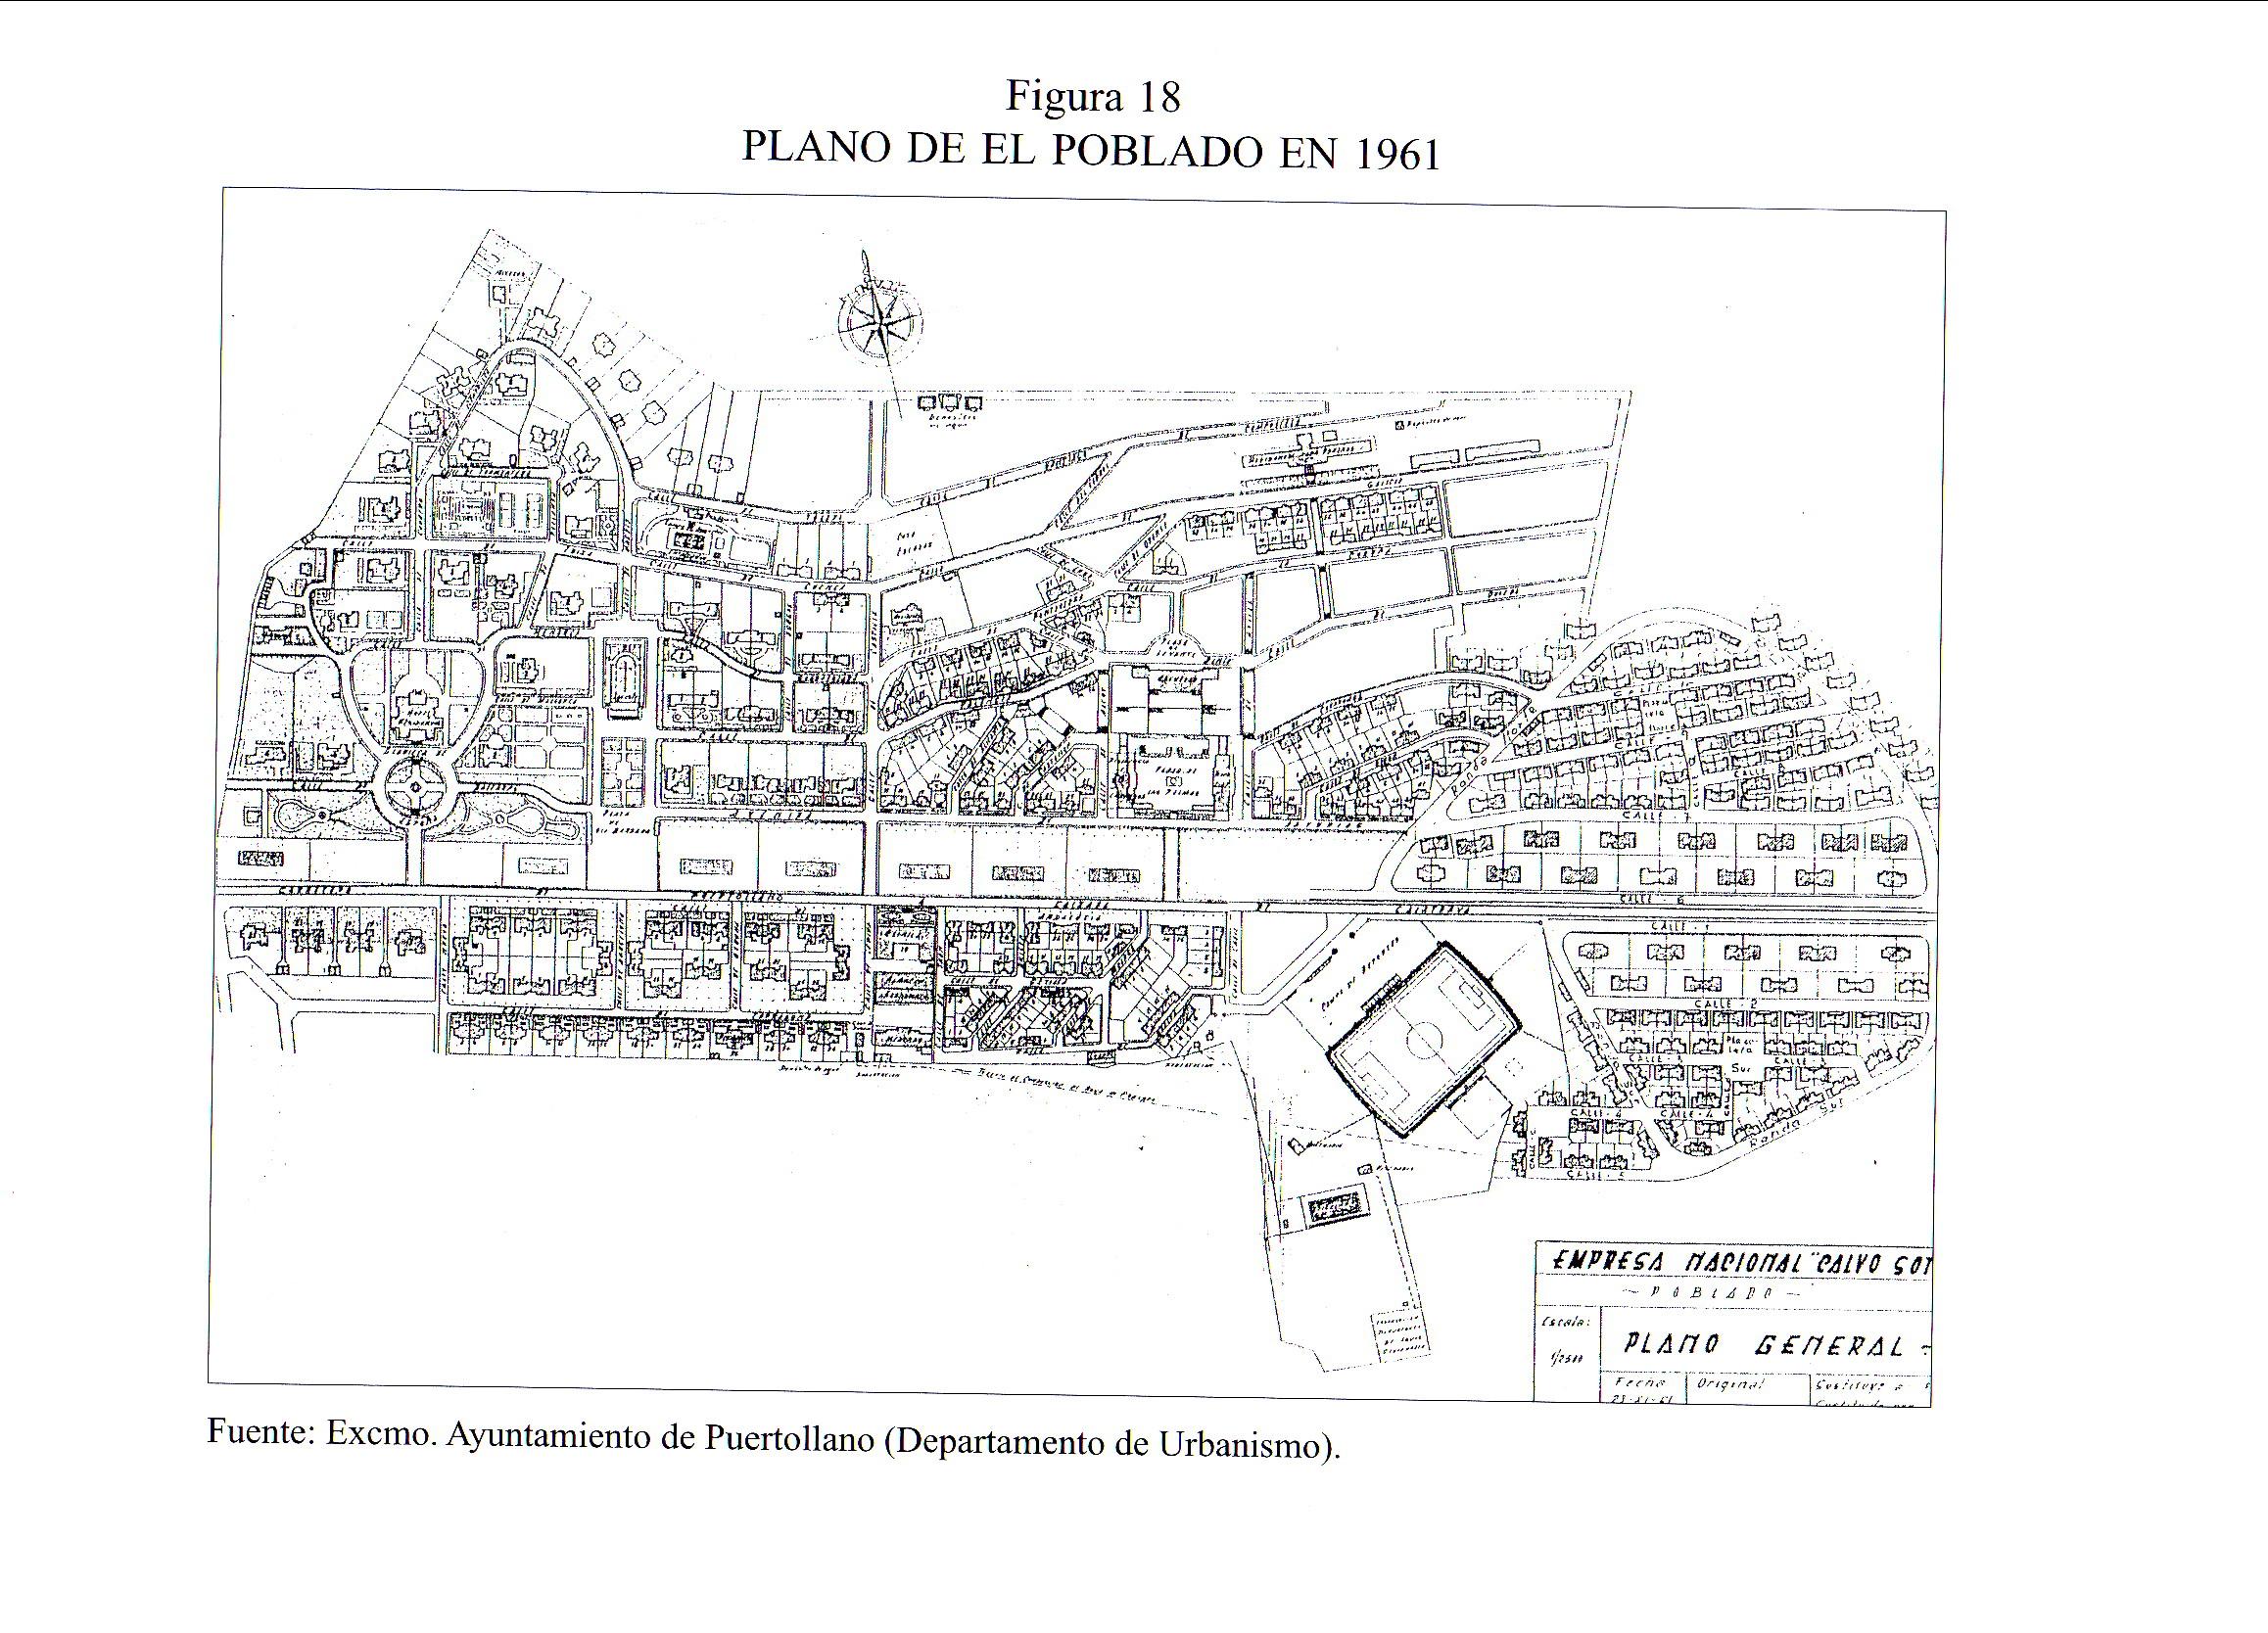 Plano de El Poblado. 1961